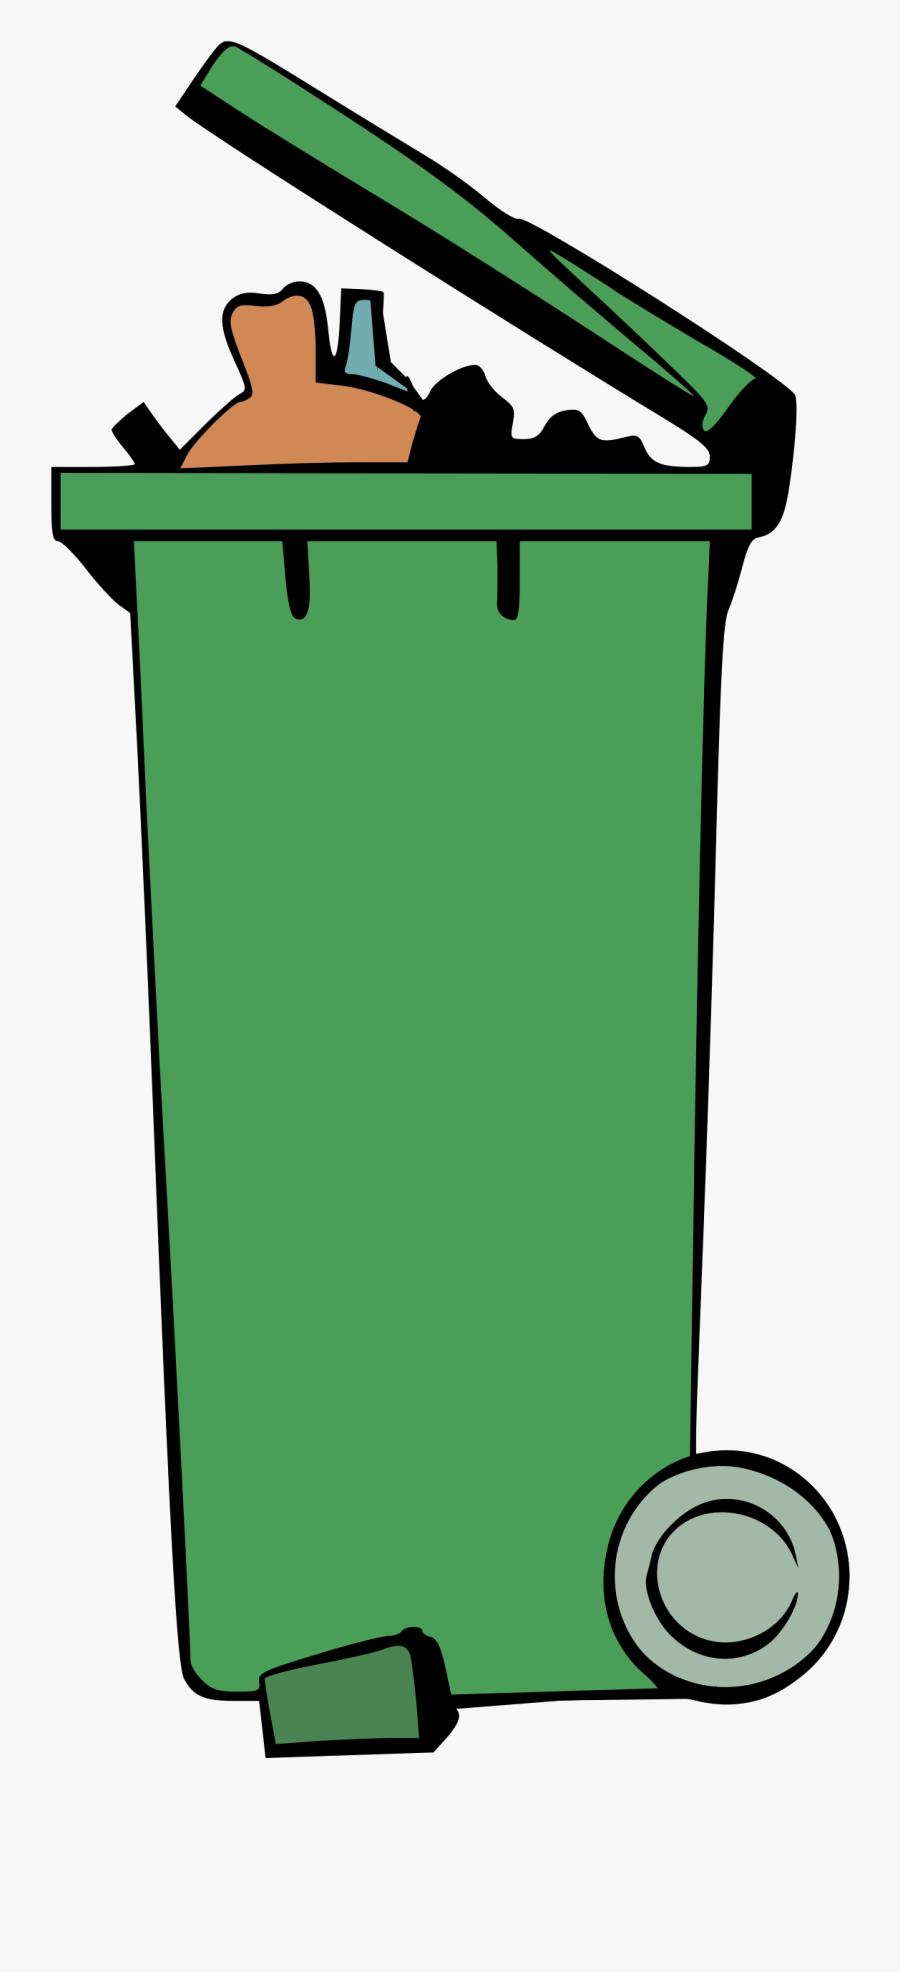 Garbage Bin Clipart - Wheelie Bin Clip Art, Transparent Clipart